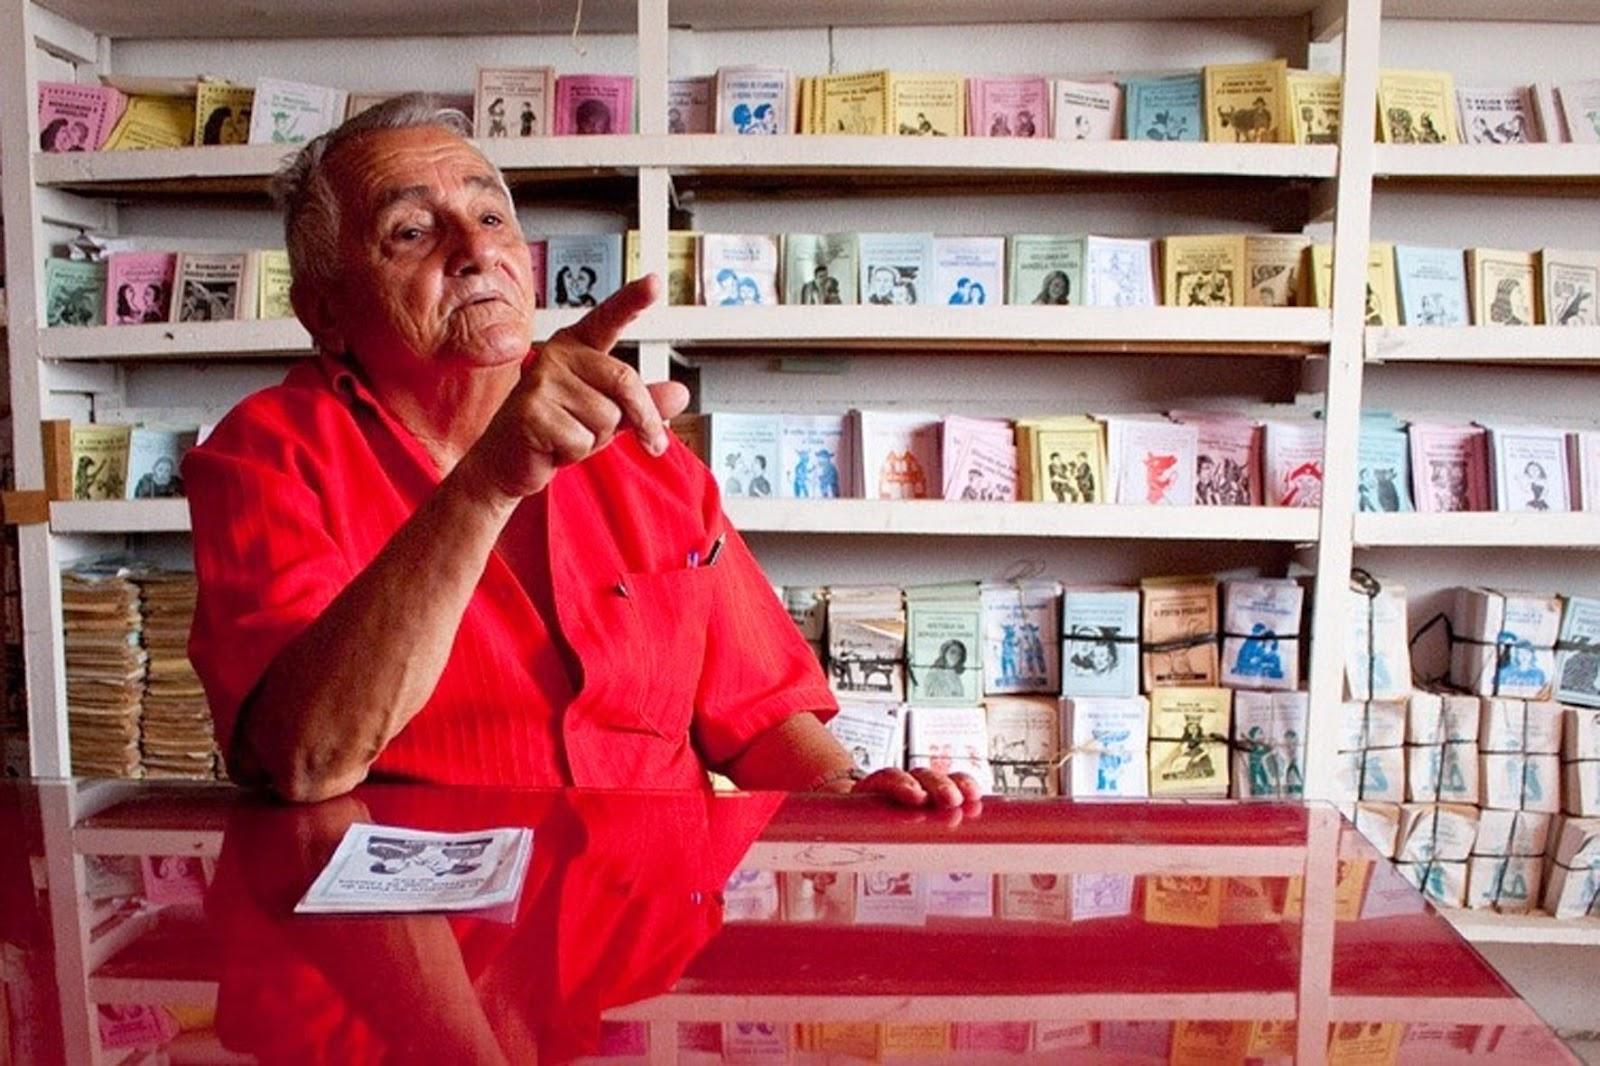 Blog Dos CordÉis: J. Borges E A Xilogravura Pernambucana